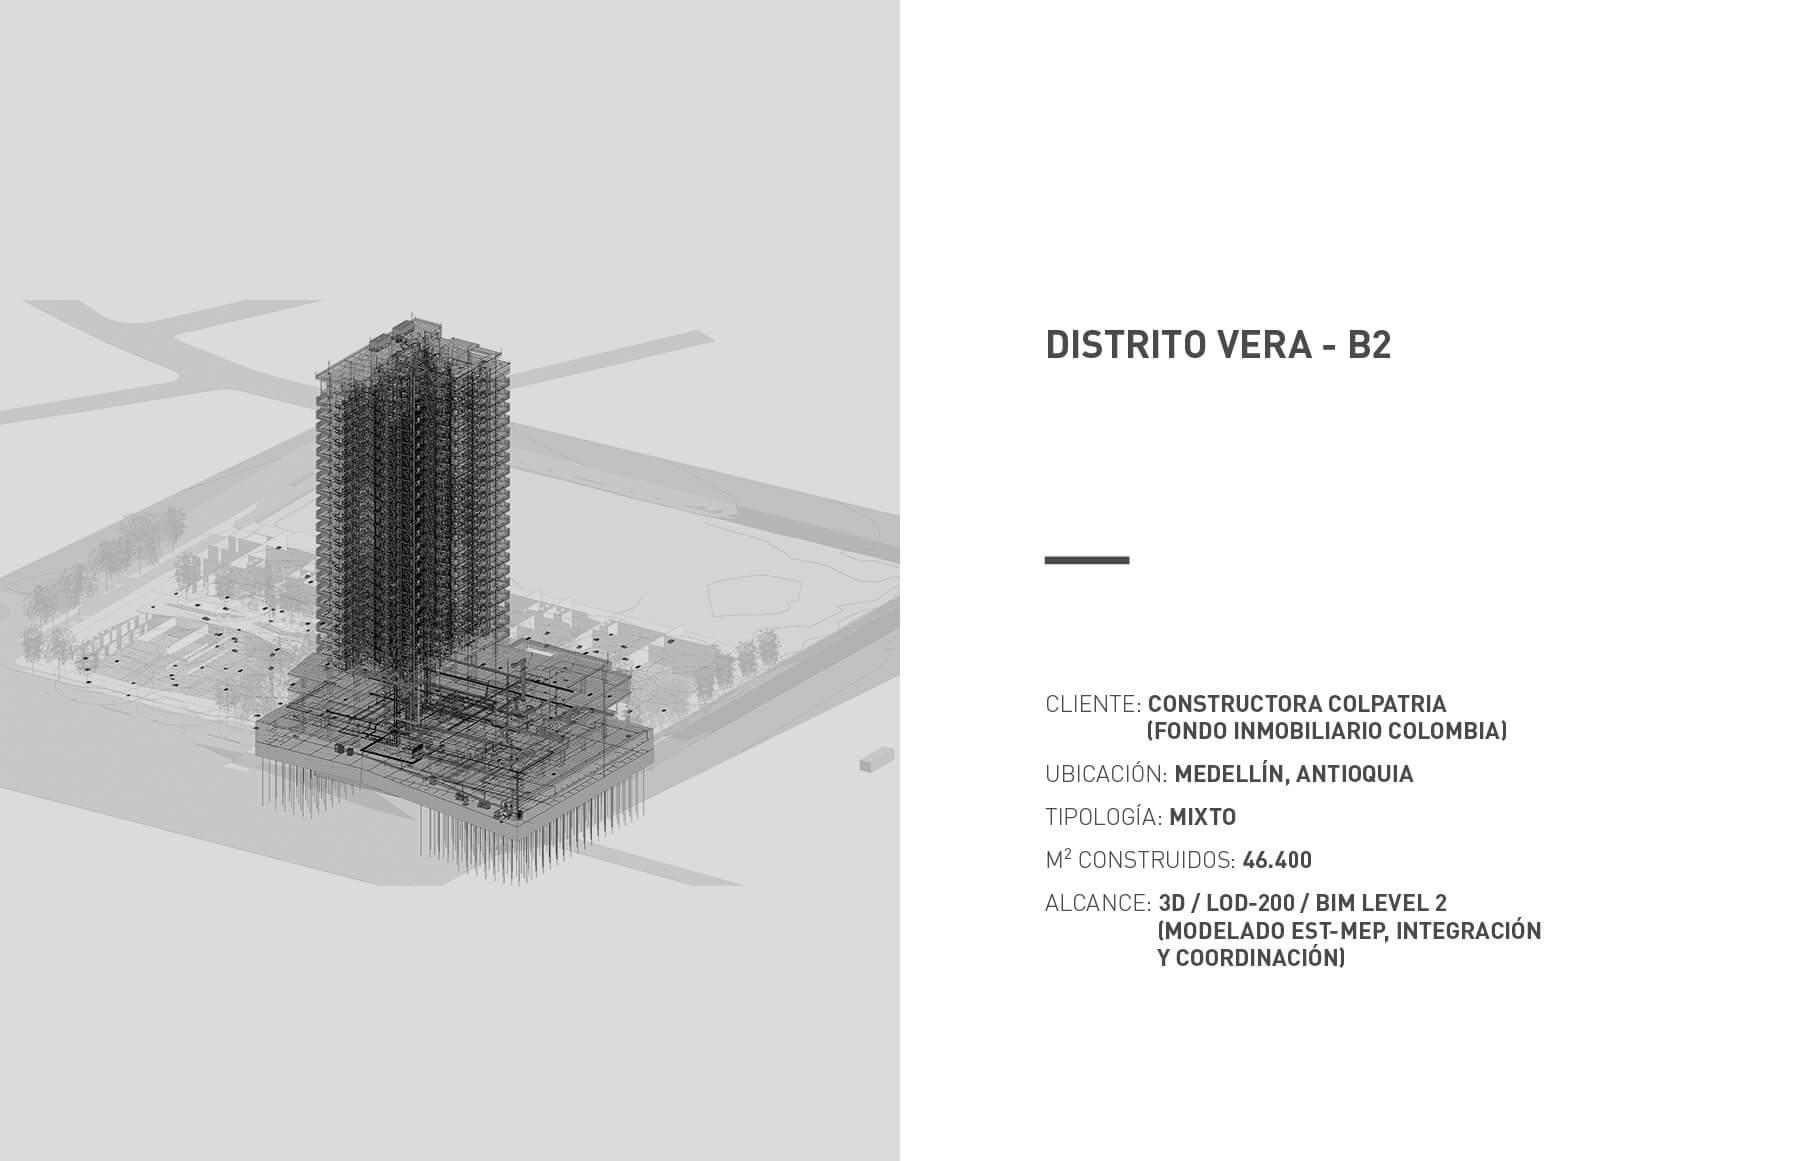 distrito vera - b2